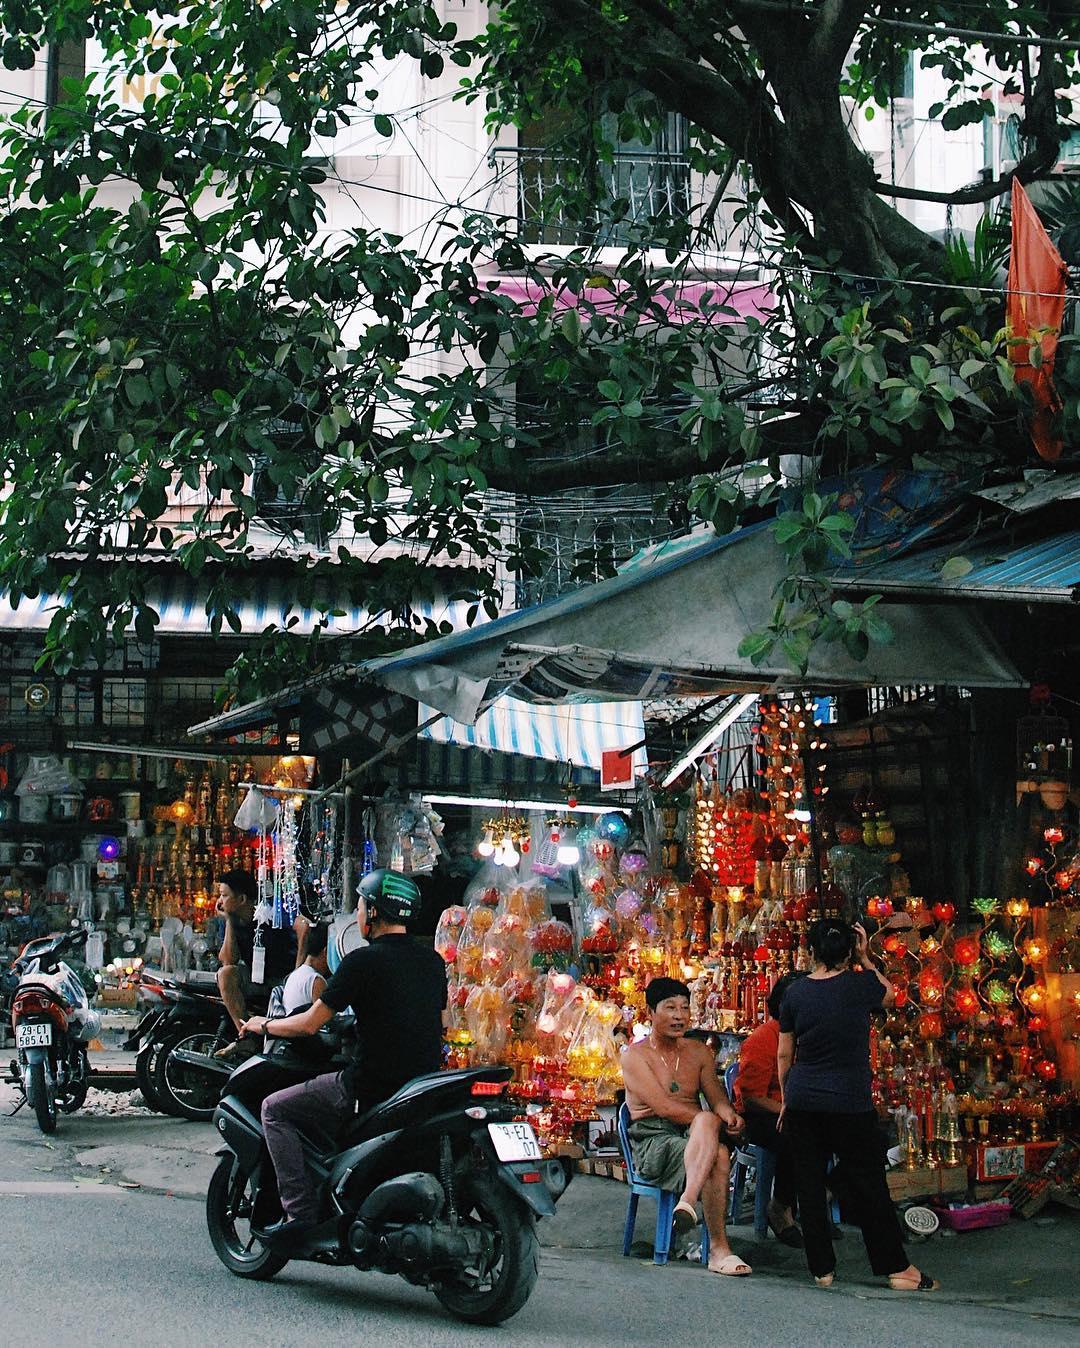 Remote Year Sisu in Hanoi Vietnam | Remote Year